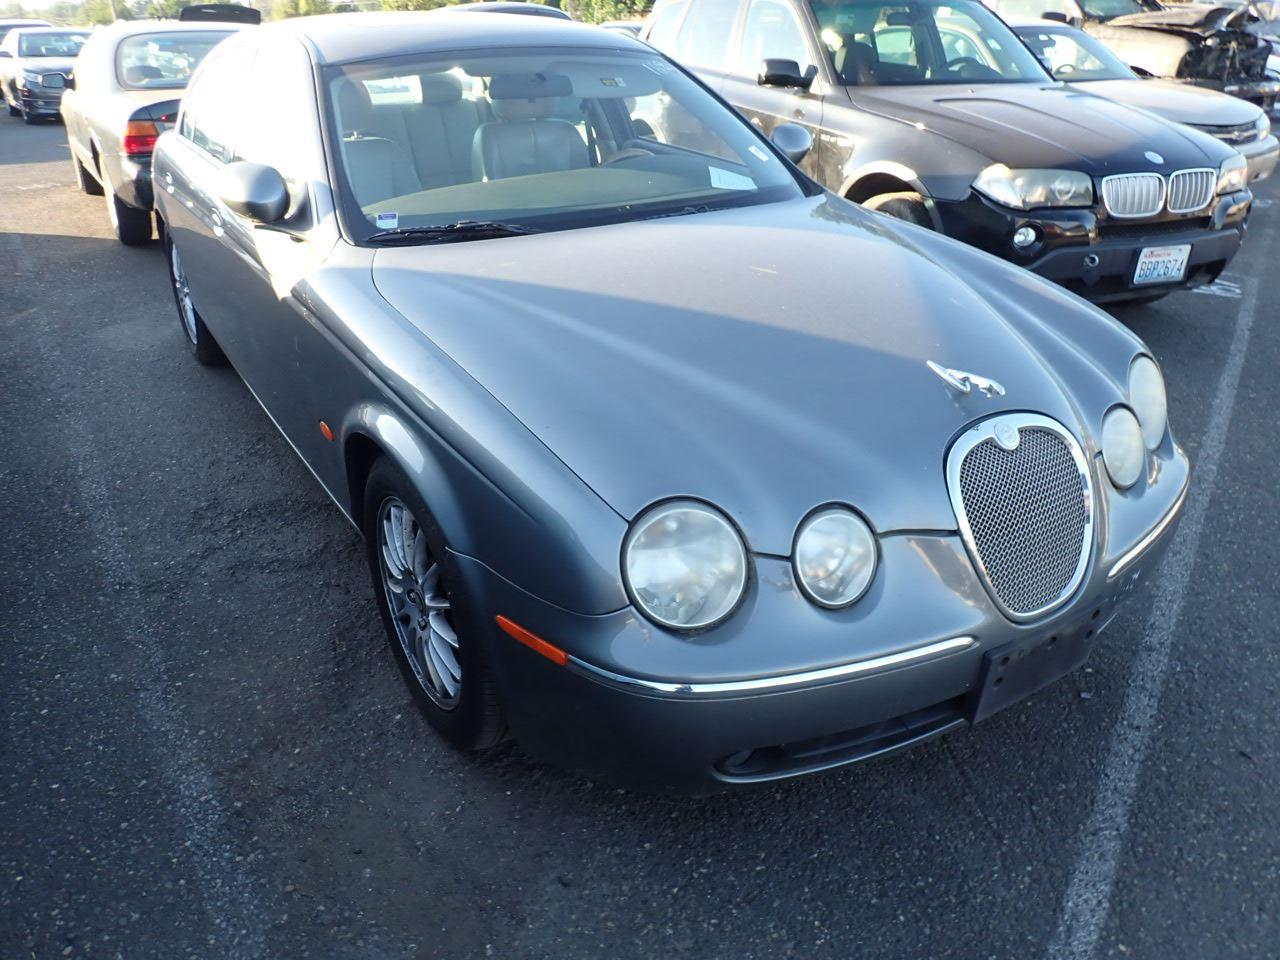 2006 Jaguar S-Type - Speeds Auto Auctions